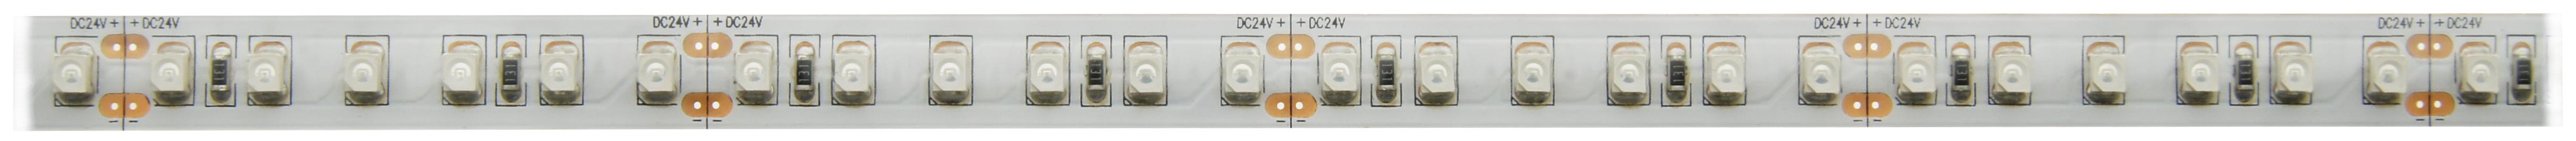 1 Stk Flexstrip 48 Gelb, 9,7W/m, 257lm/m, 24VDC, IP44, l=5m LIFS002009